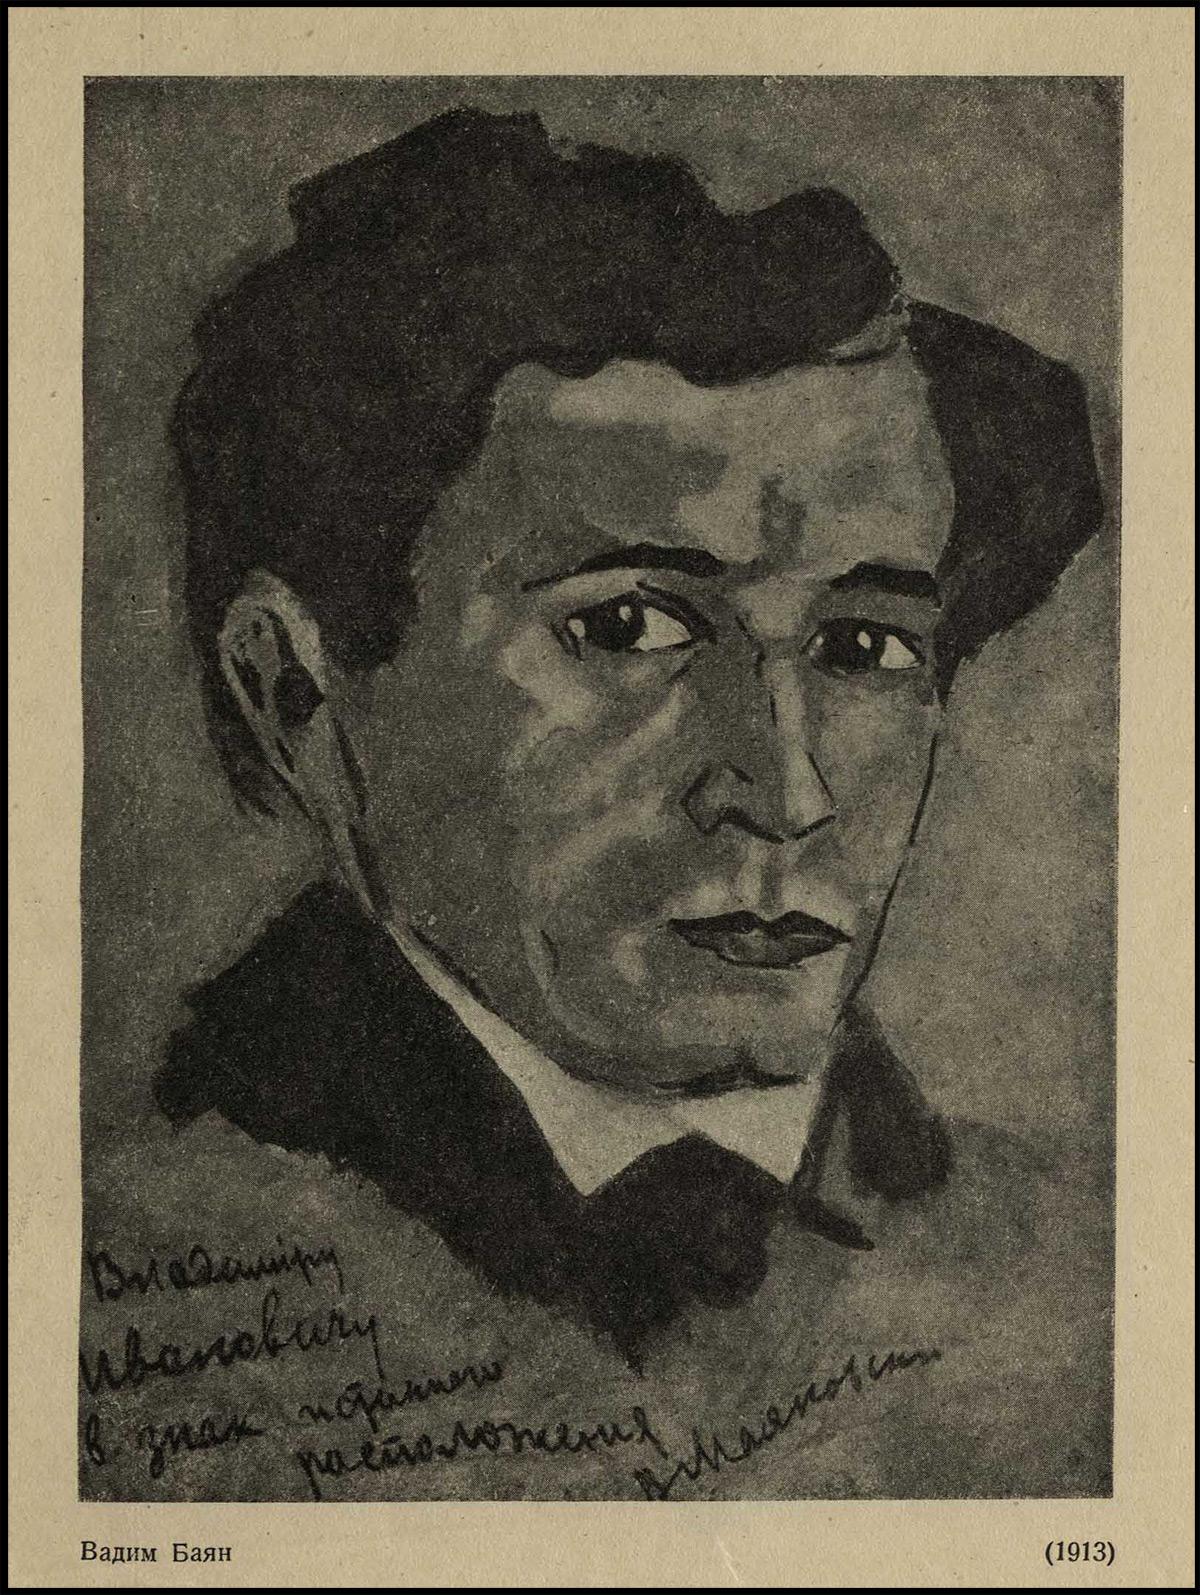 Вадим Баян (настоящее имя Владимир Иванович Сидоров) (1880—1966) — русский поэт-футурист, писатель и драматург.